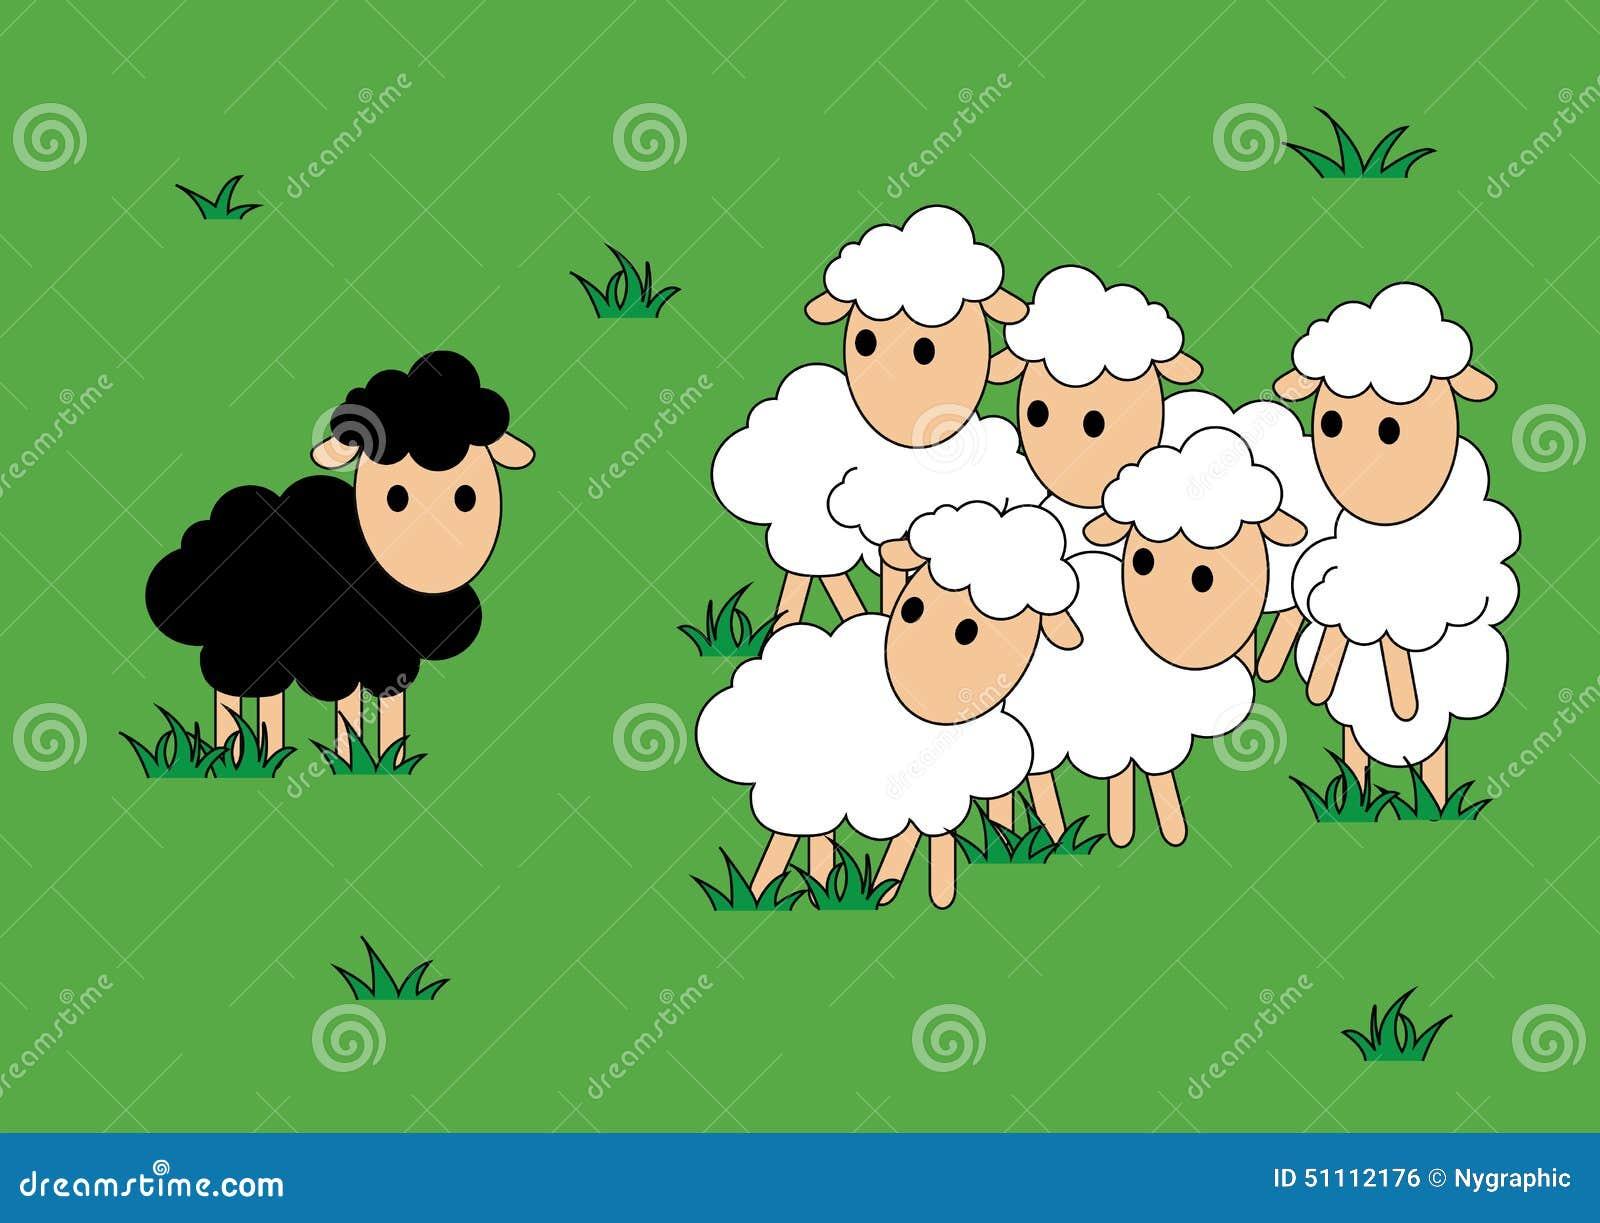 zwei schafe schwarzes schaf ist und allein unterschiedlich sheep clip art black and white sheep clip art images free